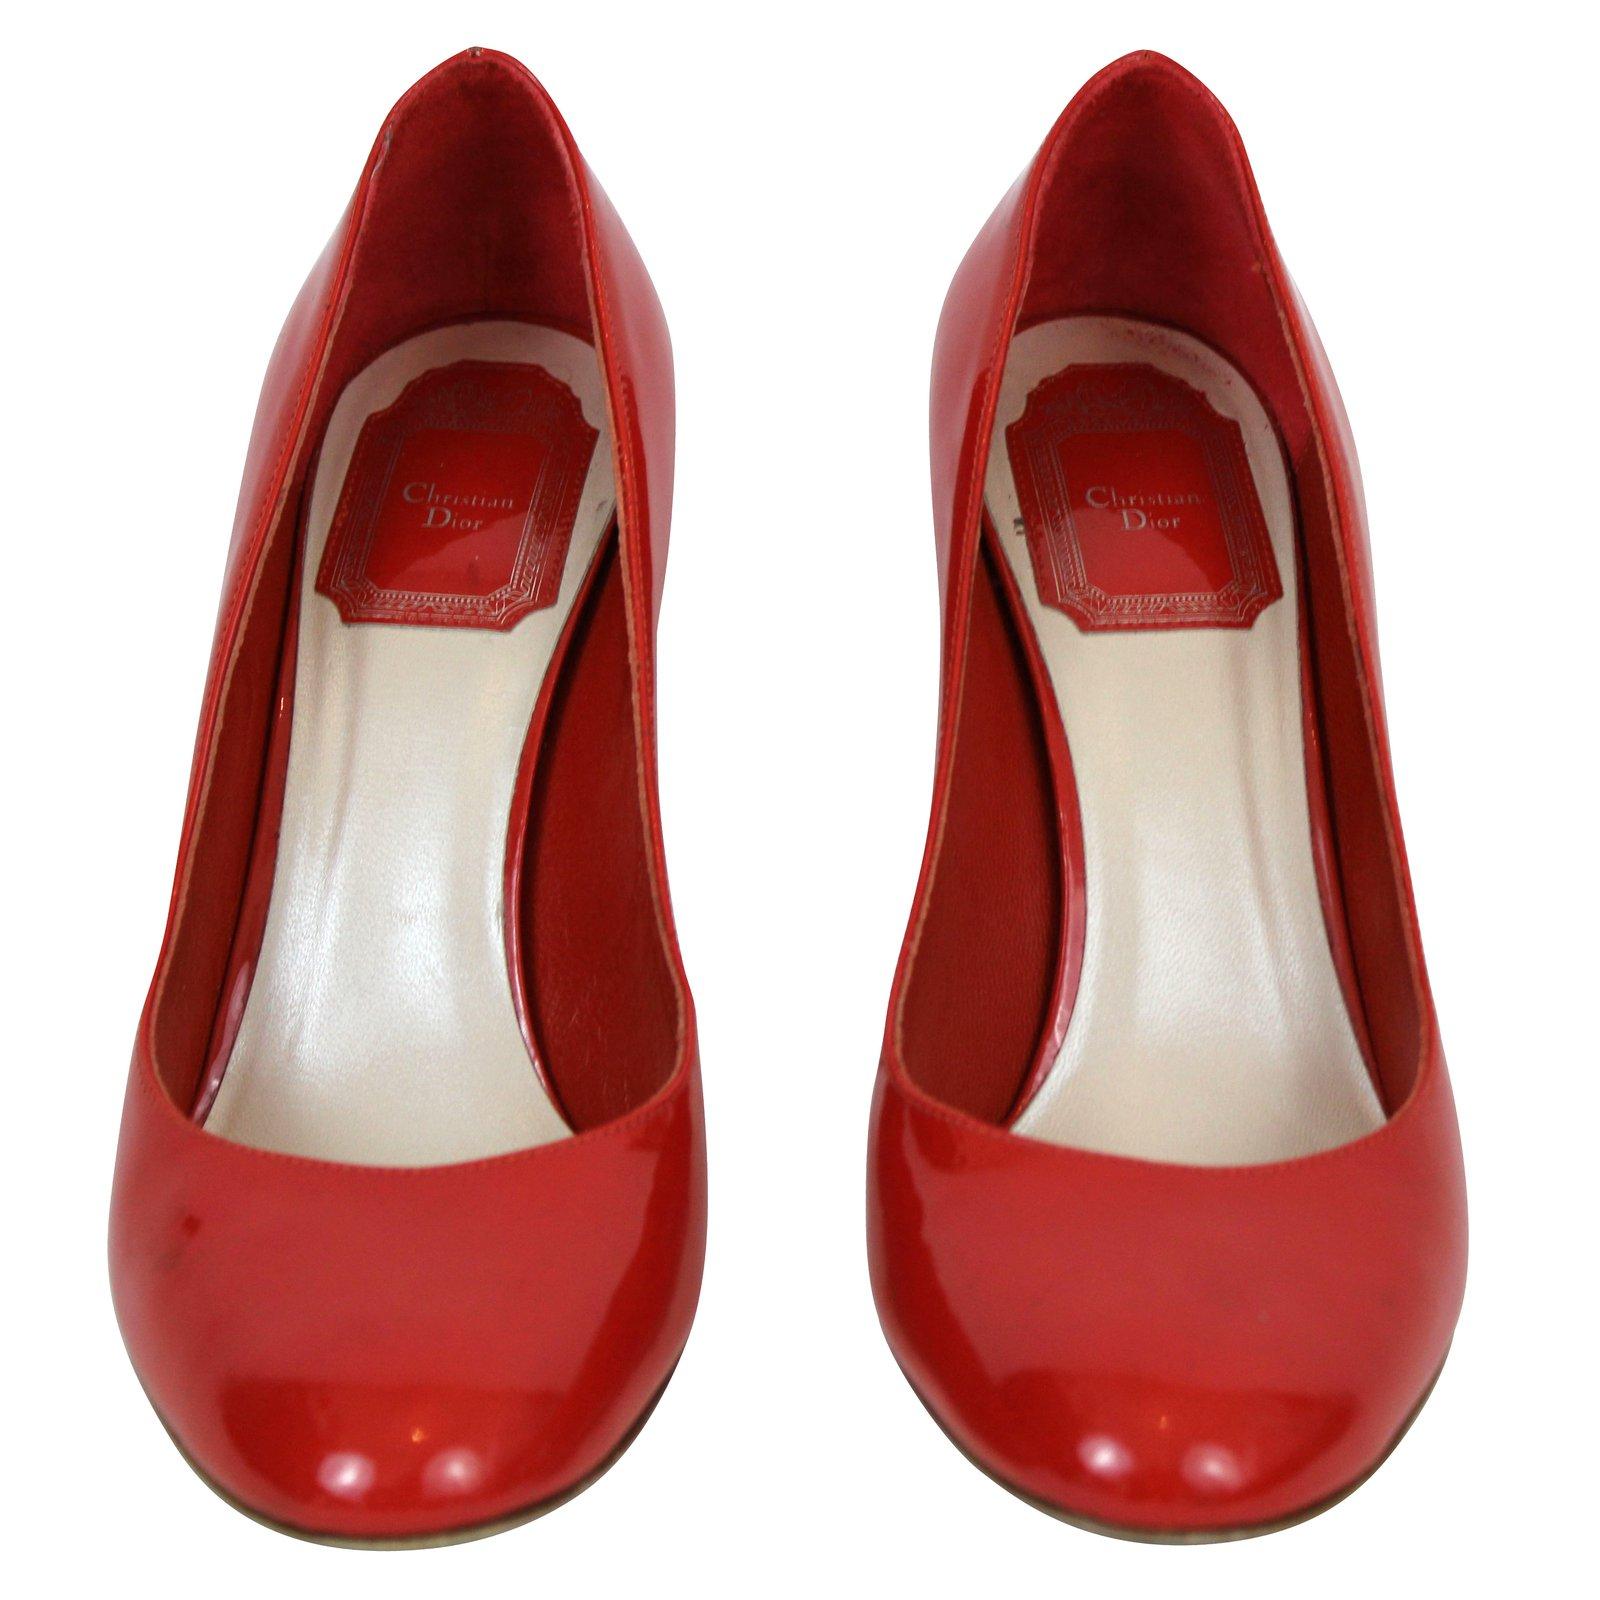 Escarpins vernis rouge - Pied vernis rouge ...